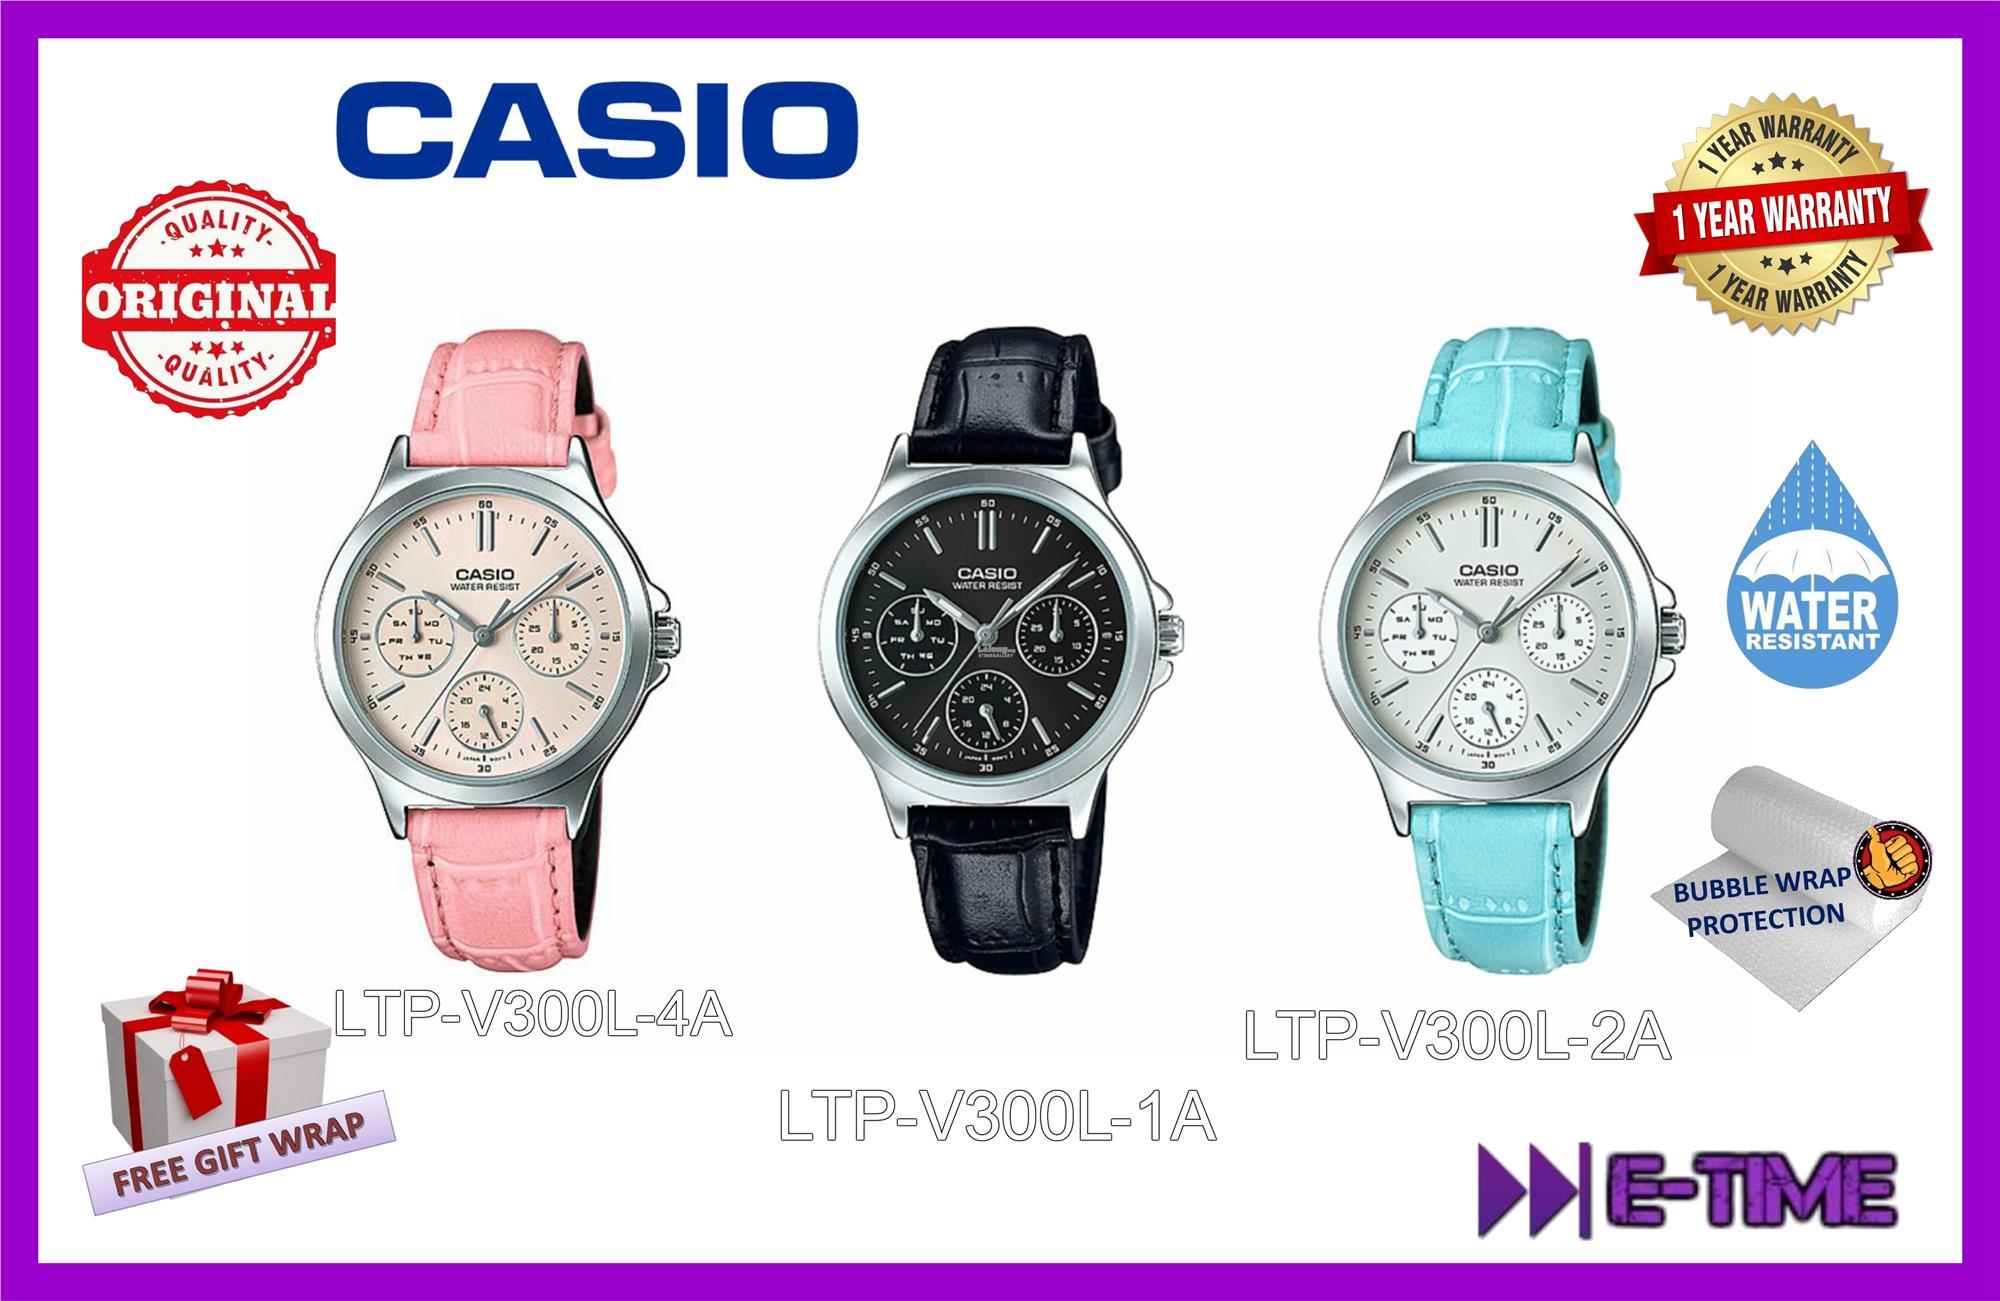 CASIO ORIGINAL LTP-V300L-2A LADIES M (end 4 19 2020 6 15 PM) 2b8e816949